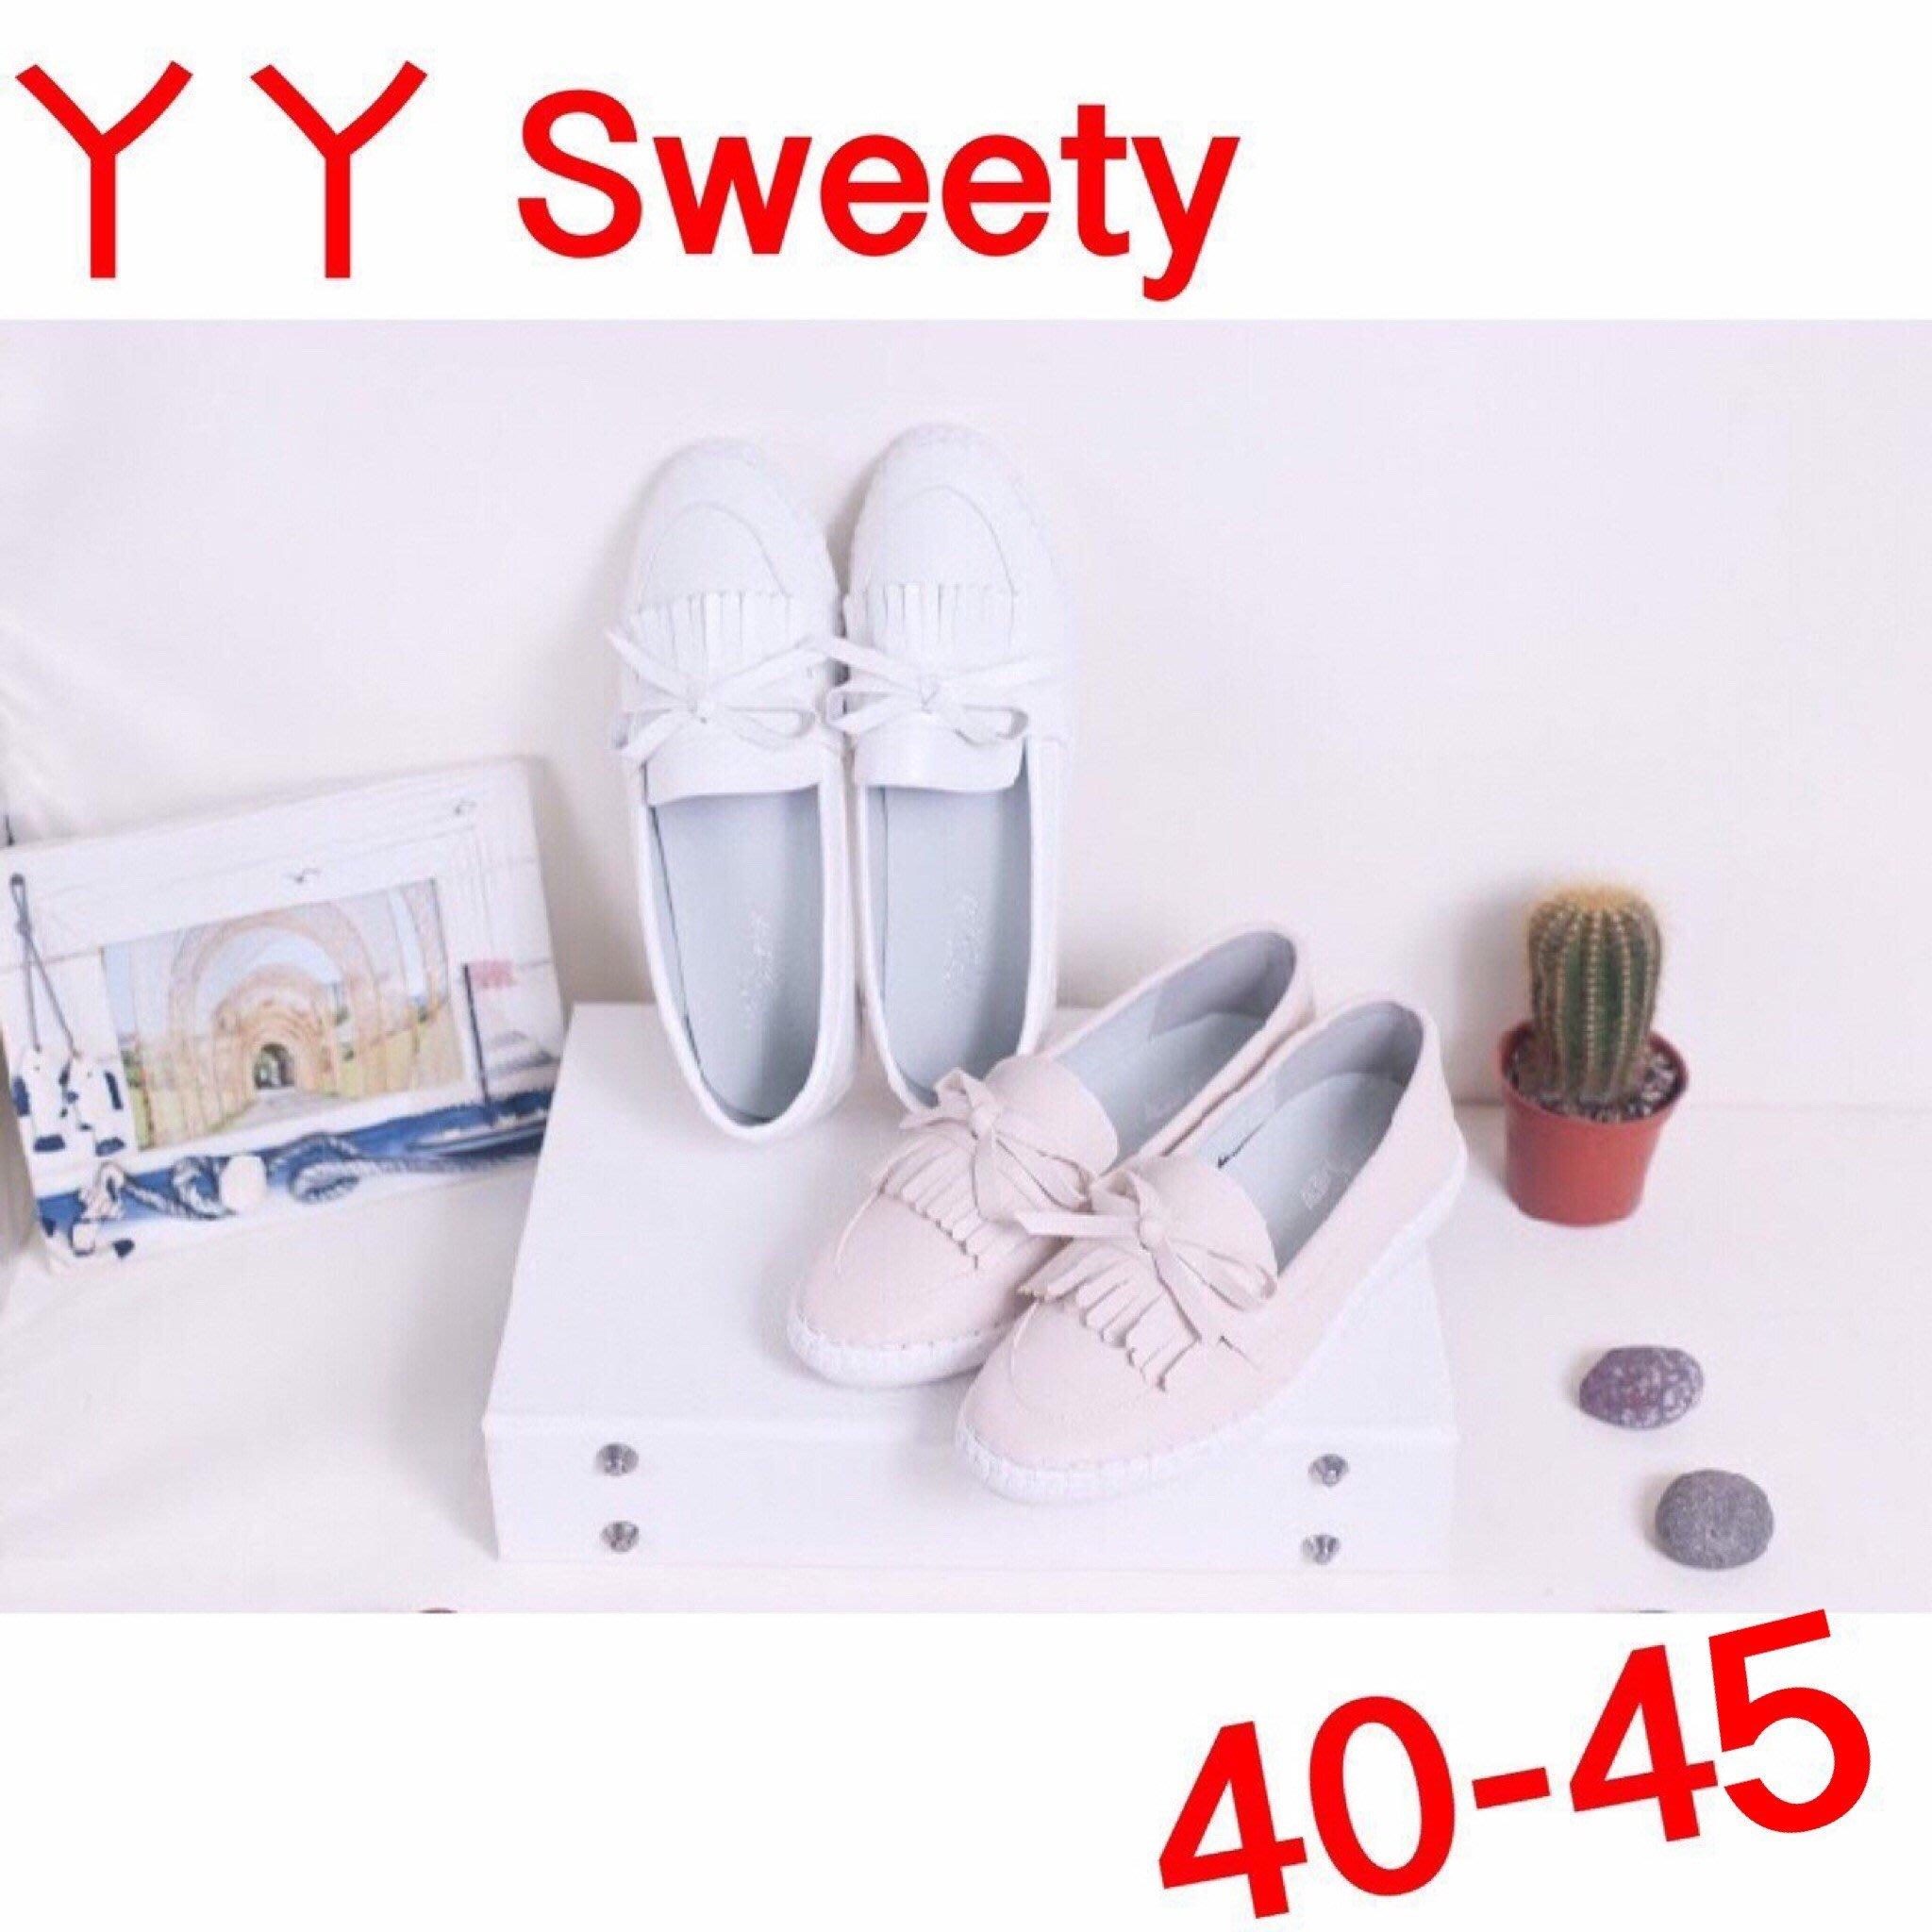 ☆(( 丫 丫 Sweety )) ☆。大尺碼女鞋。人氣商品真皮蝴蝶結小白鞋40-45(D536)下標時以即時庫存為主